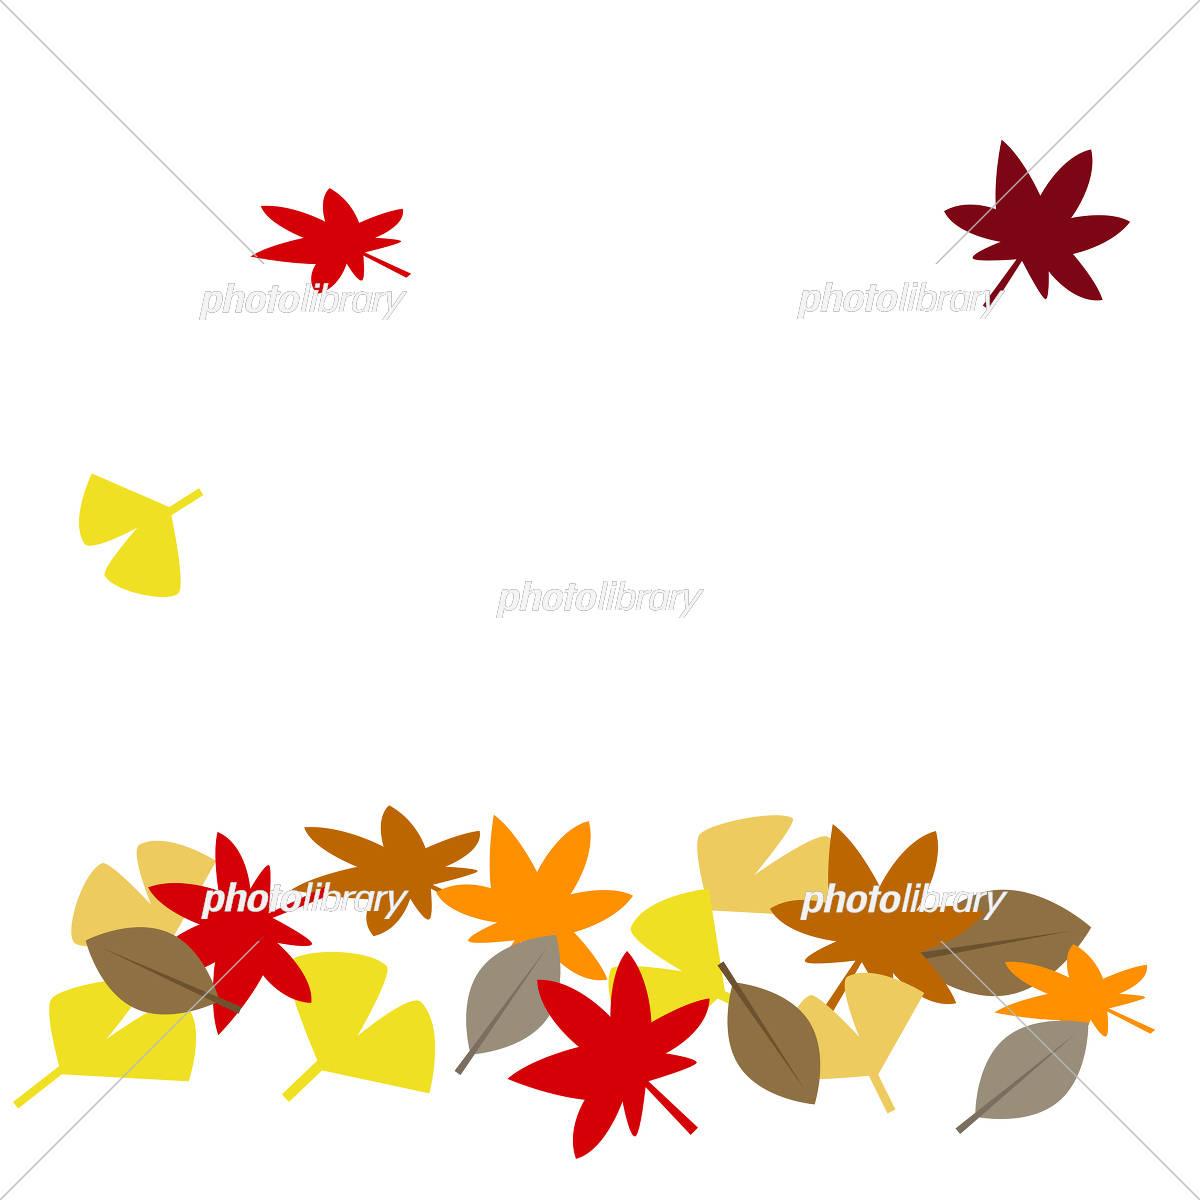 秋イメージ 落ち葉 イラスト素材 5342066 フォトライブラリー